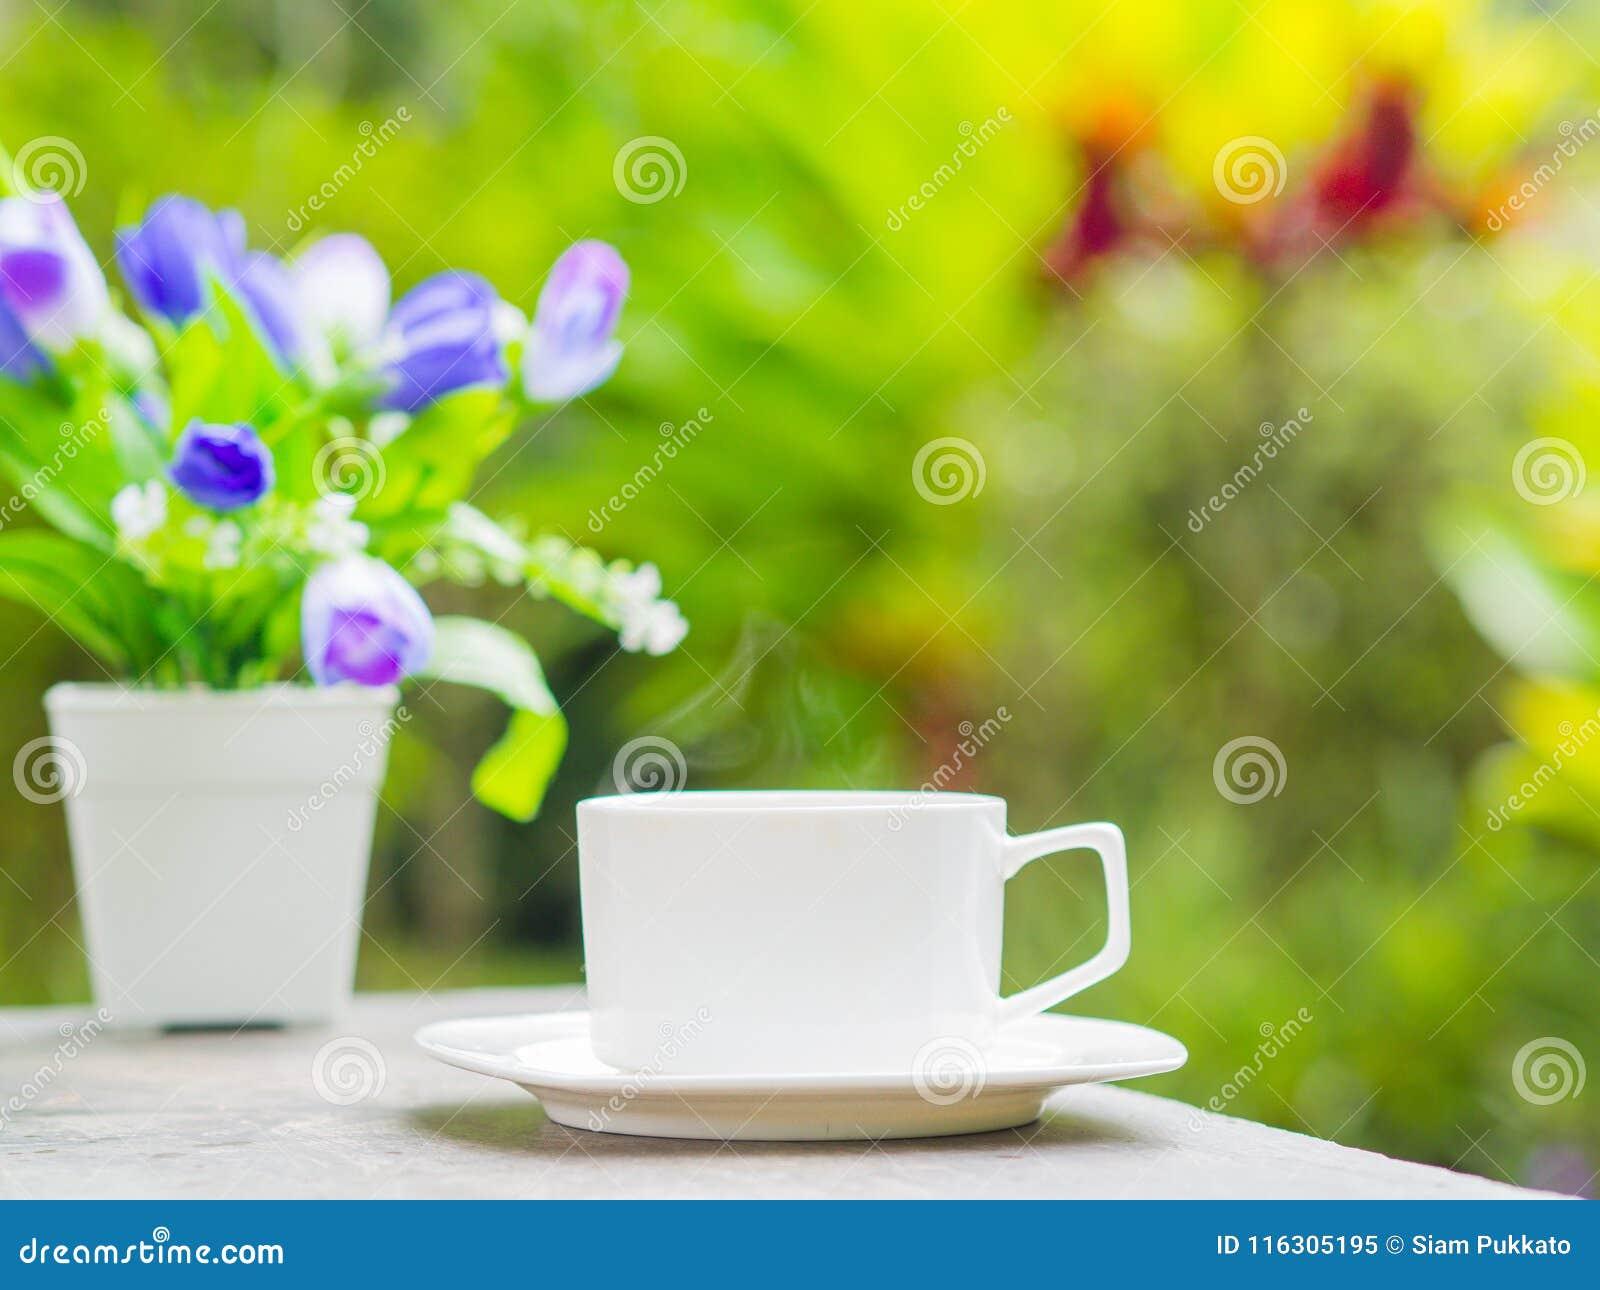 Foco macio do fim acima do copo de café no jardim